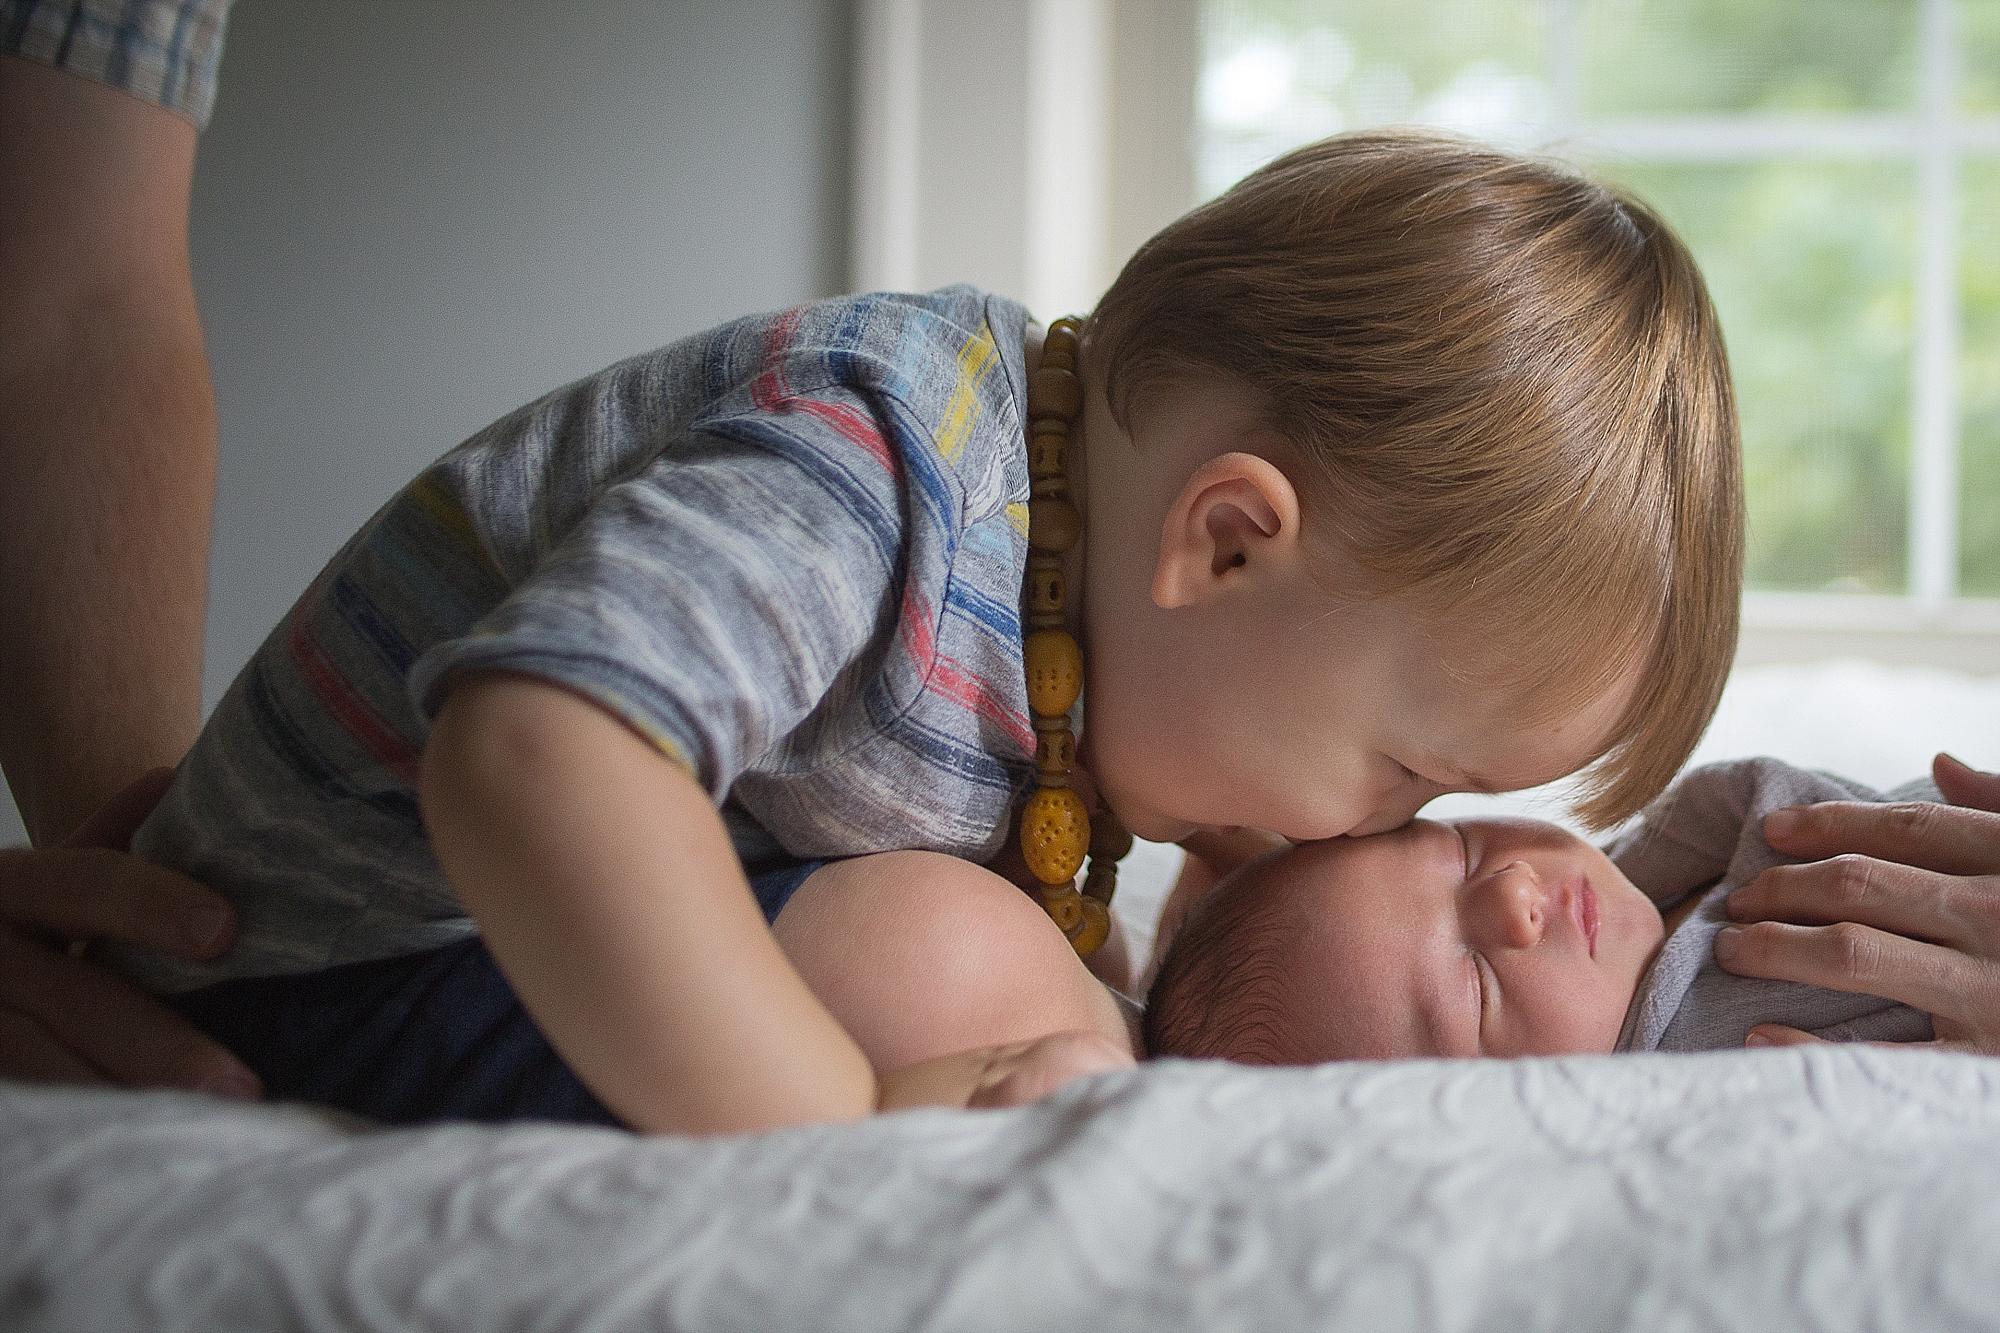 Newborn Baby William | Christiansburg Newborn Baby Photographer, Holly Cromer